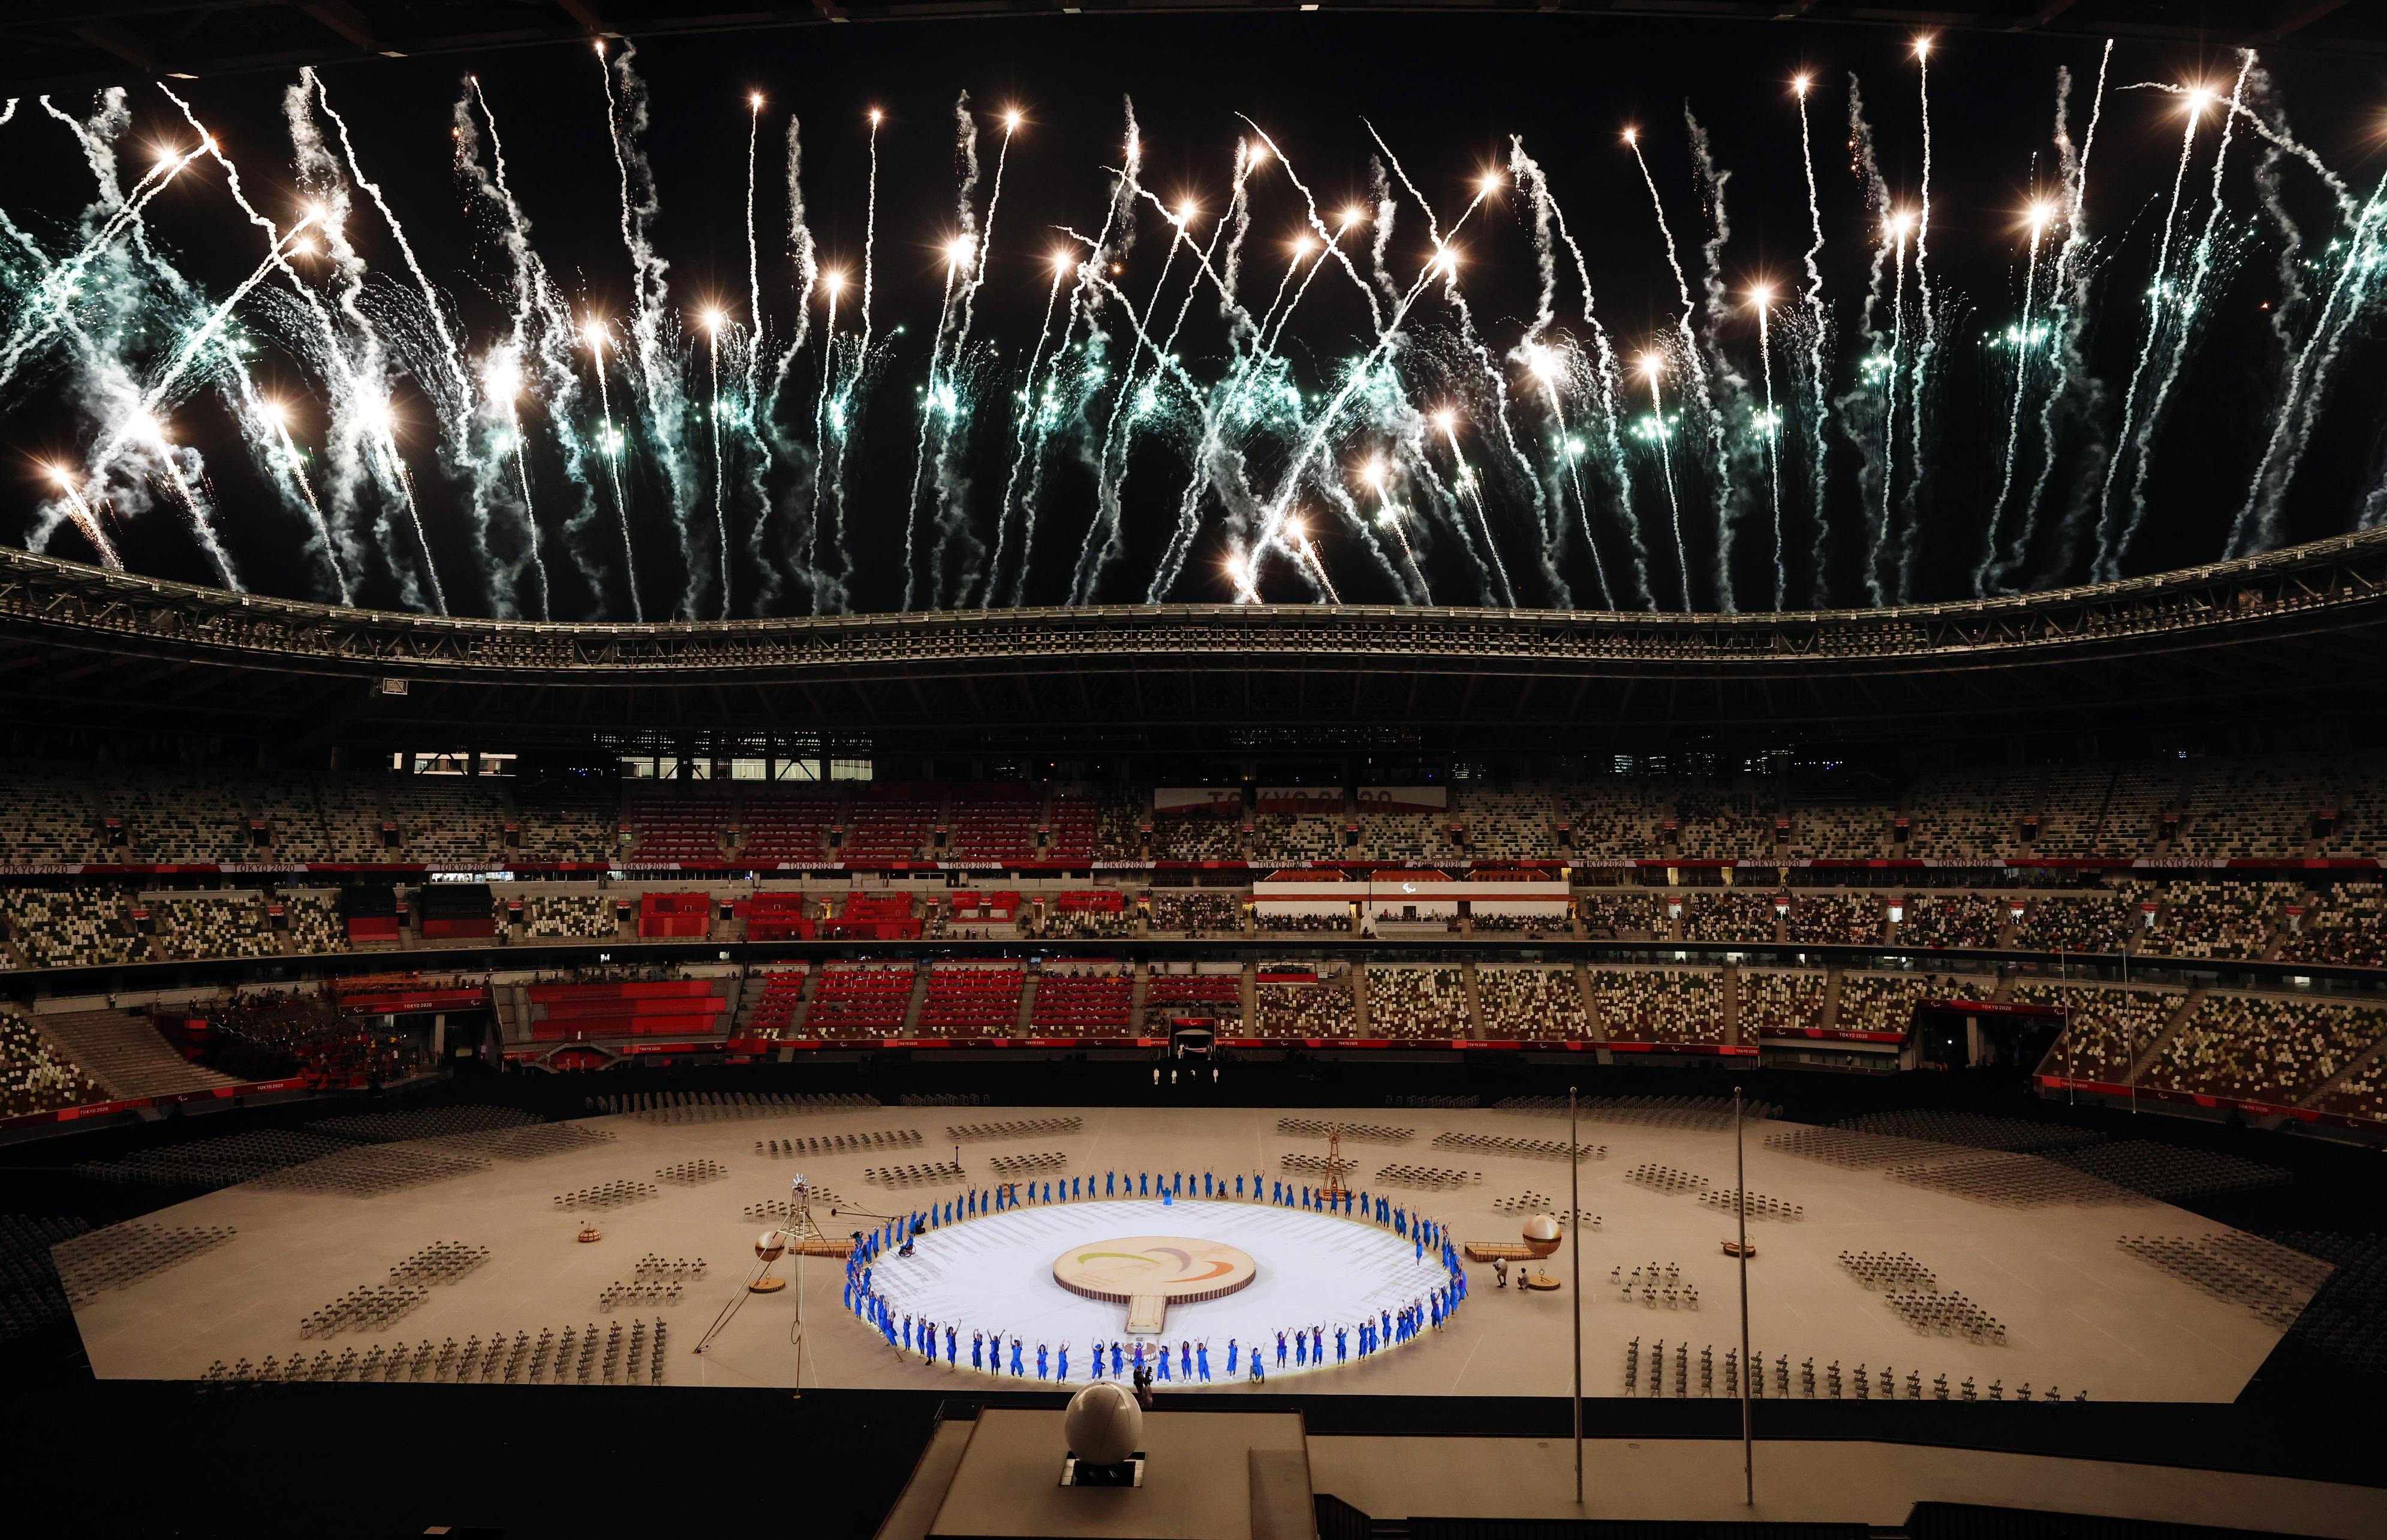 સ્ટેડિયમમાં આતશબાજી કરવામાં આવી. આ પહેલા અહીં ટોક્યો ઓલિમ્પિક ગેમ્સ પણ યોજાઈ હતી.